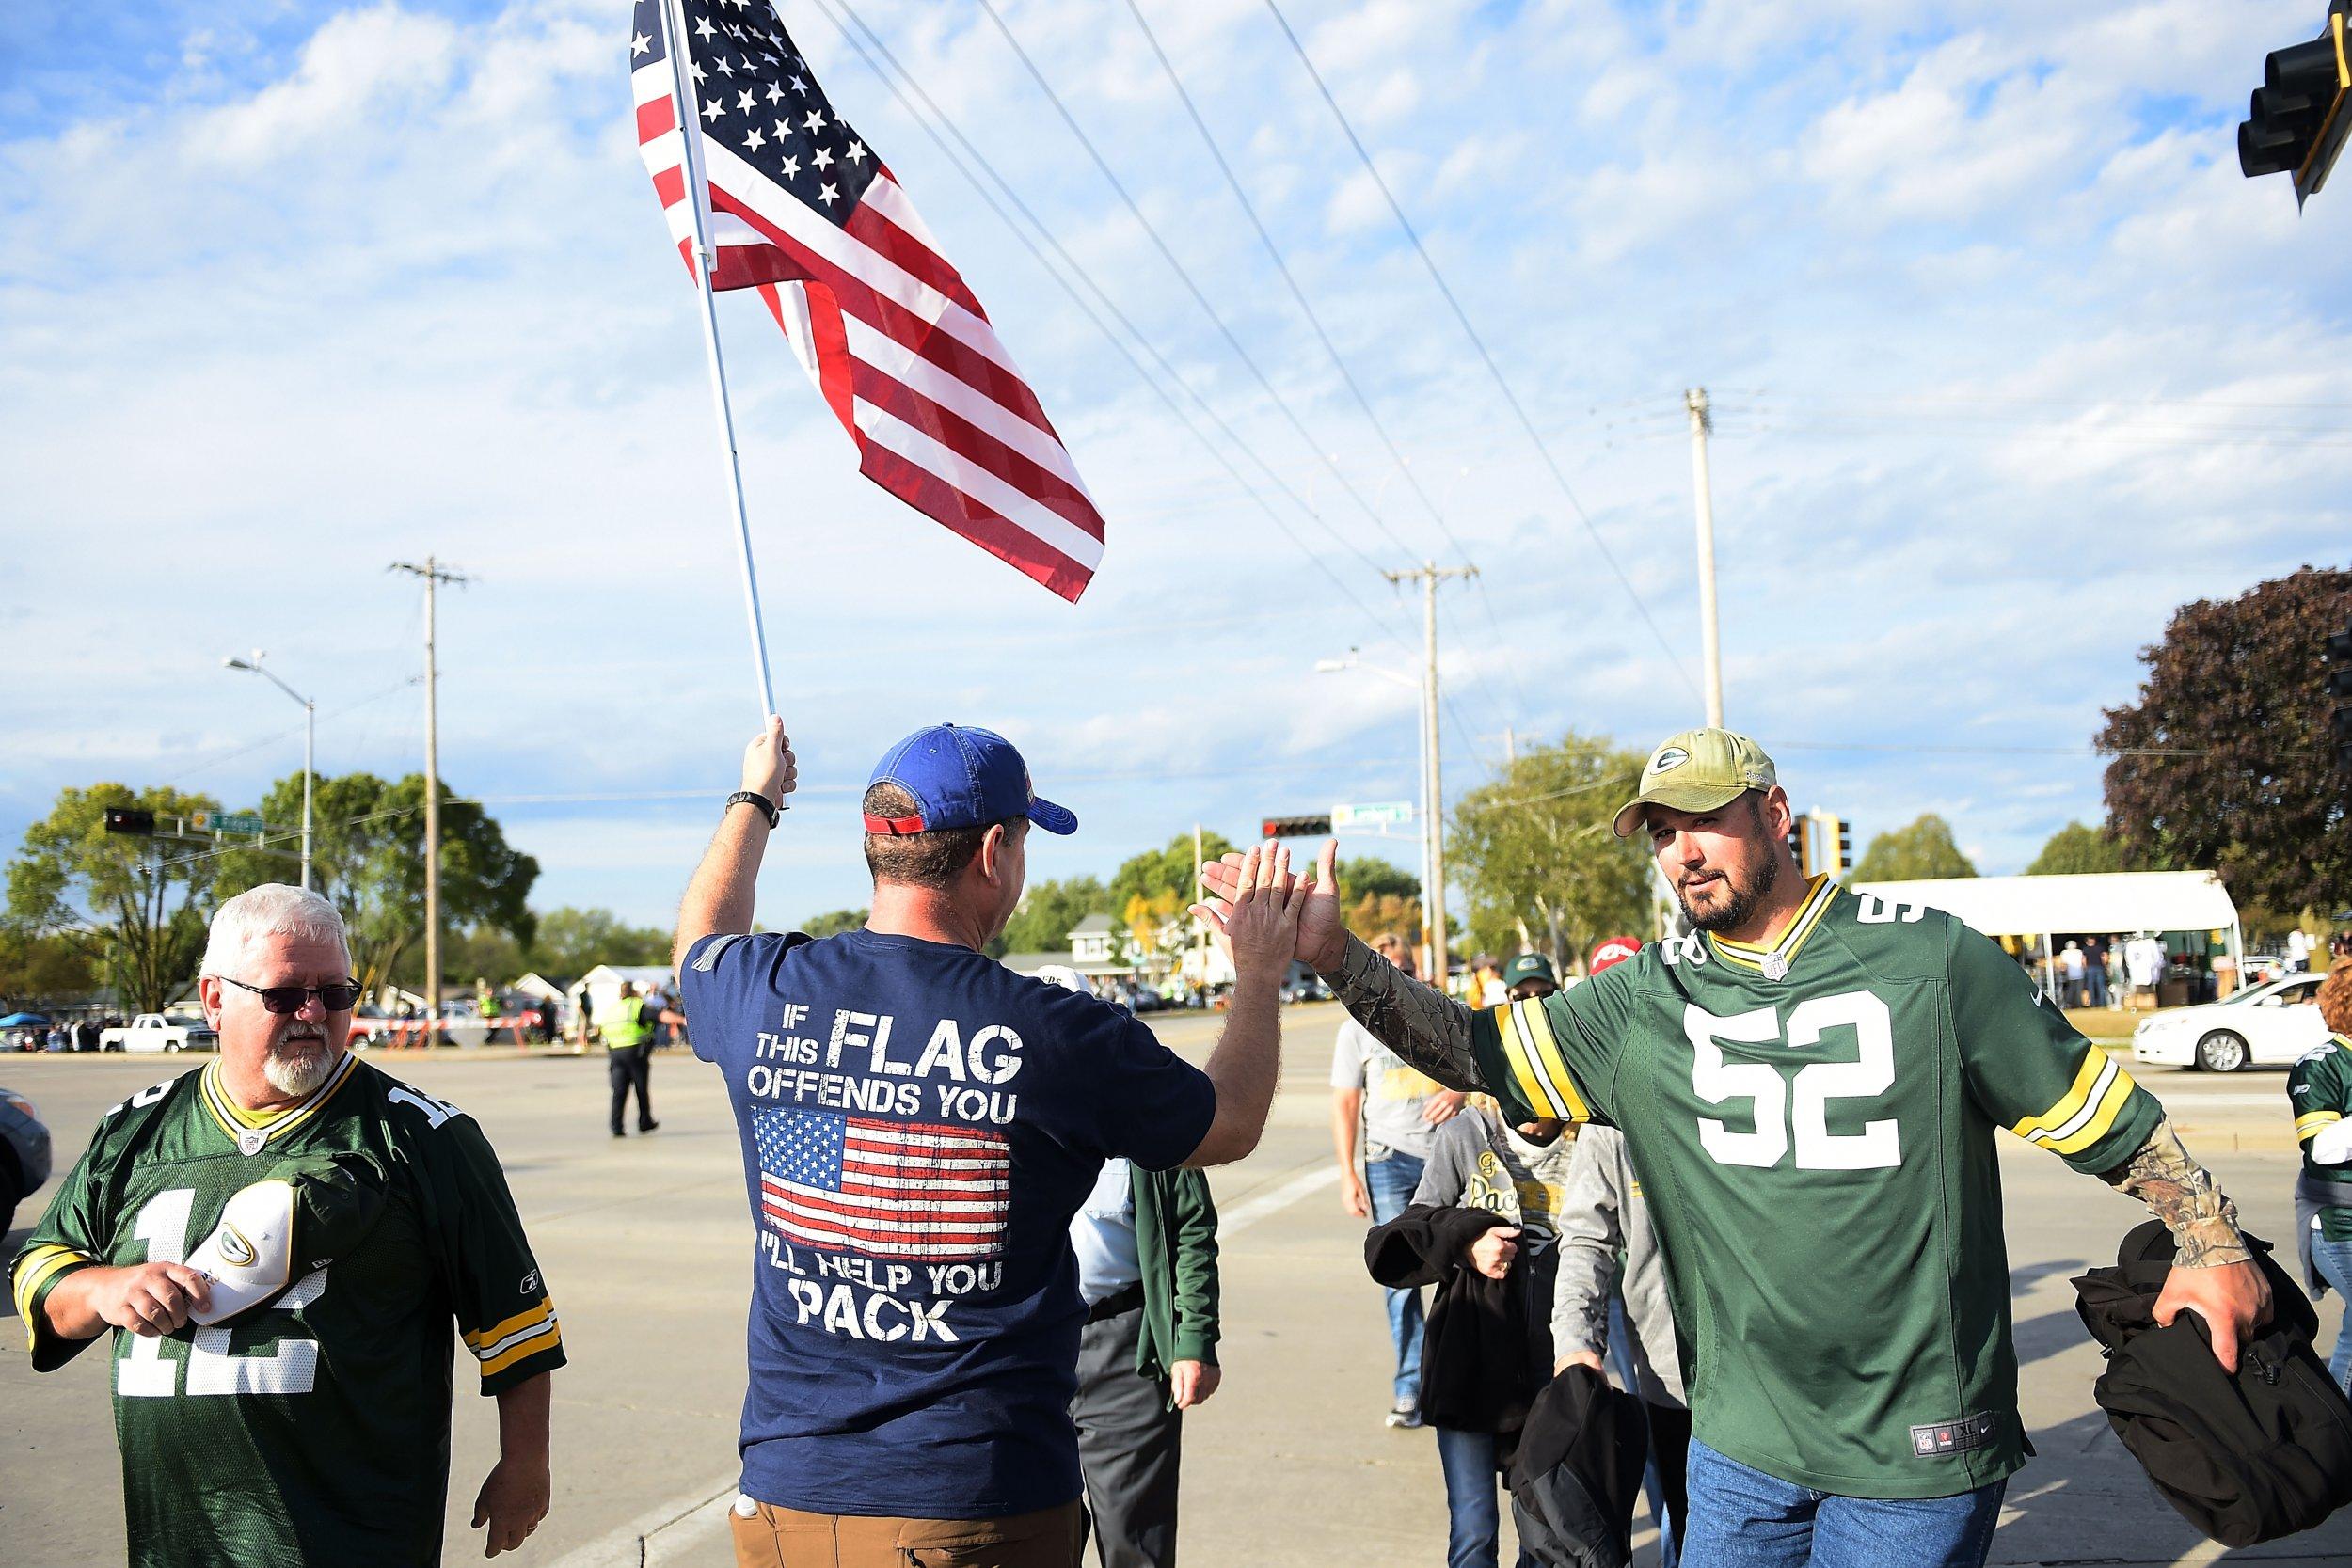 A demonstrator greets fans outside of Lambeau Field in Green Bay, Wisconsin, September 28.